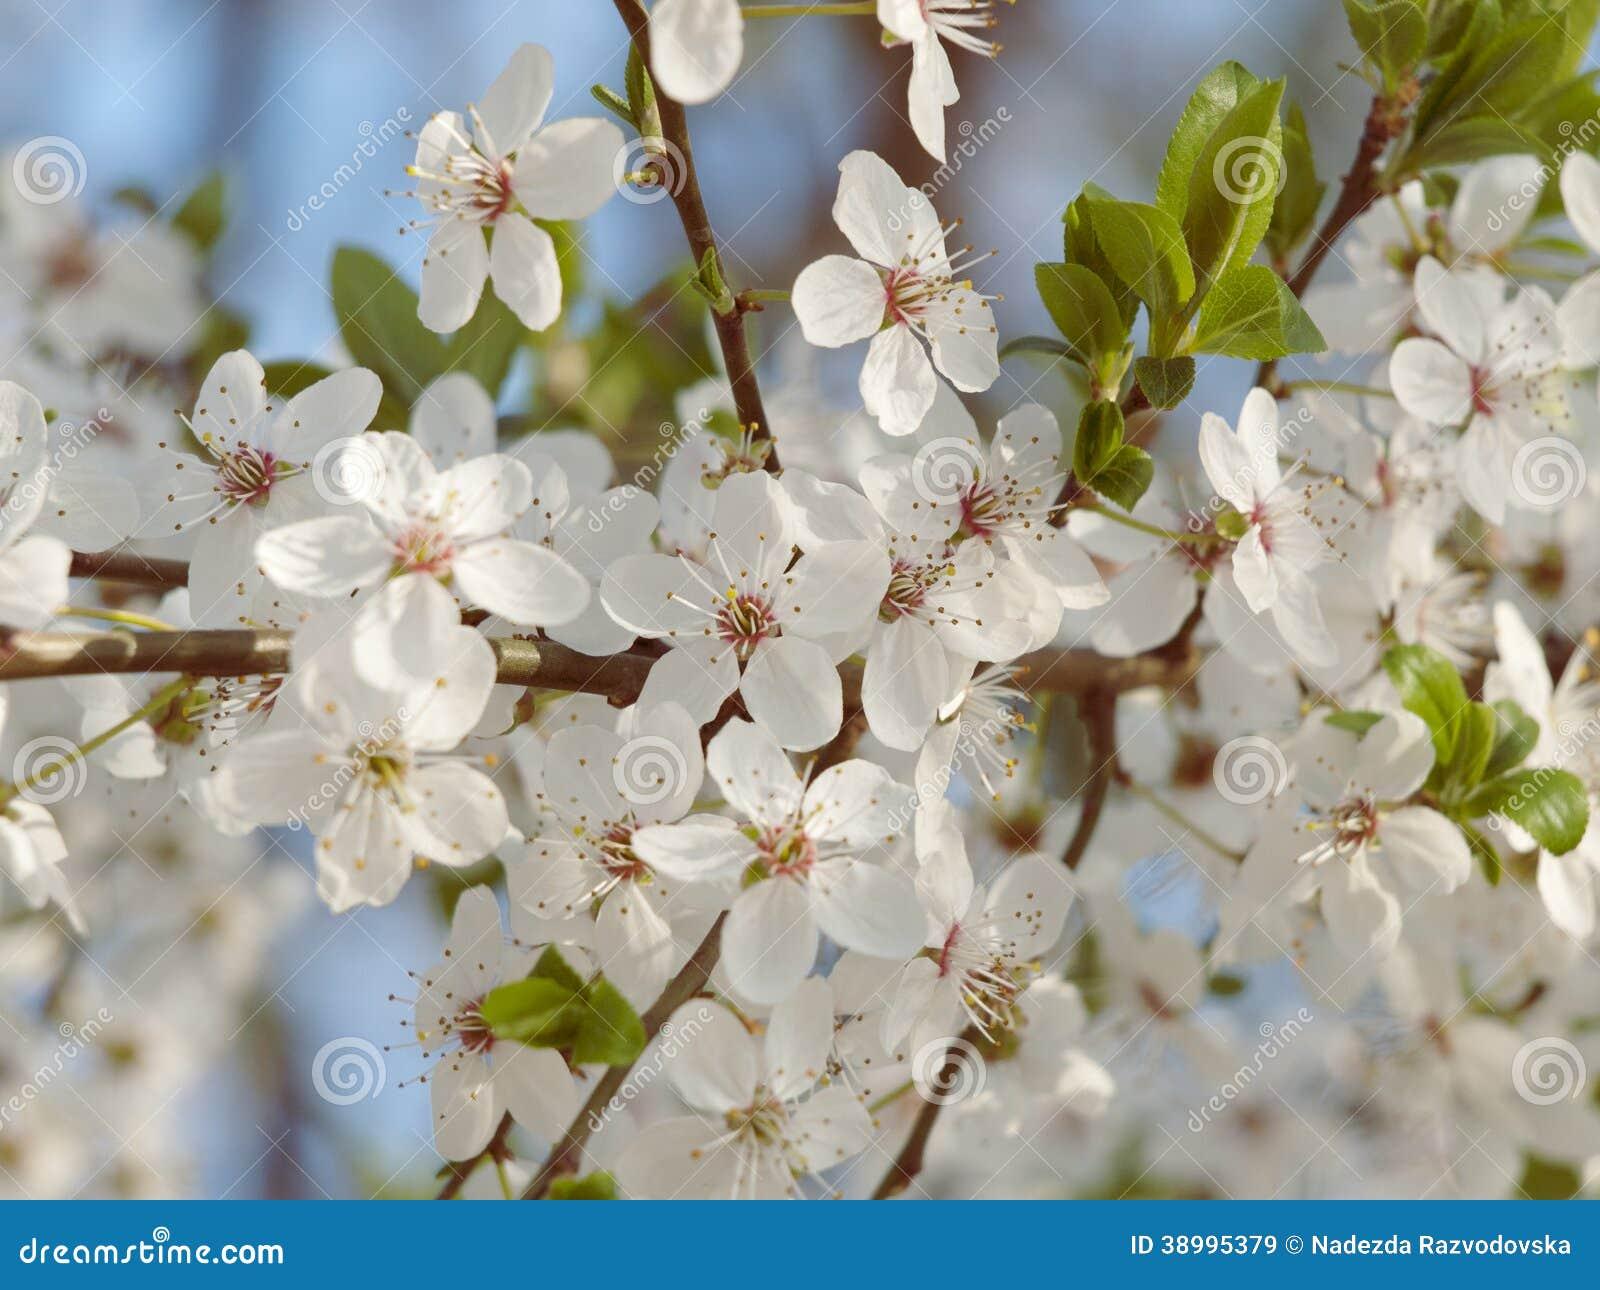 春天樹開花的照片.圖片